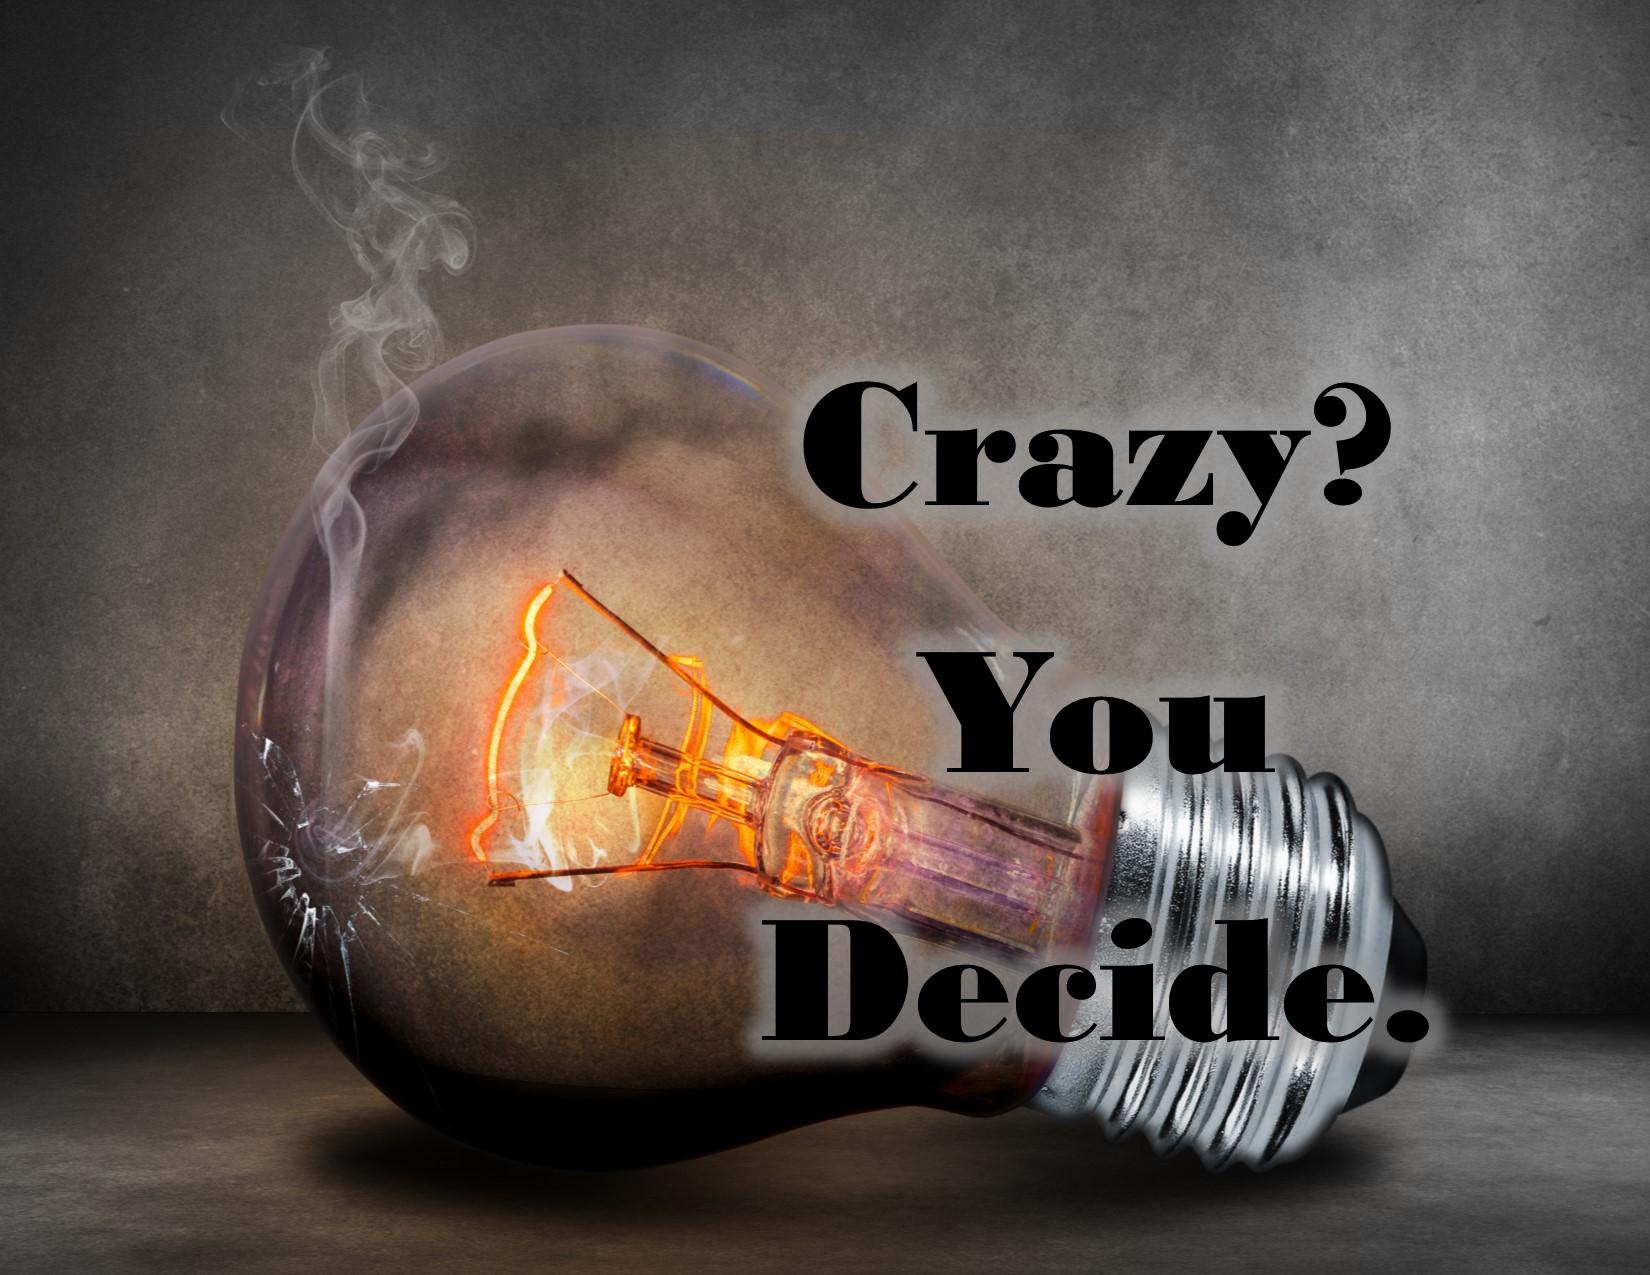 Crazy?  You Decide.